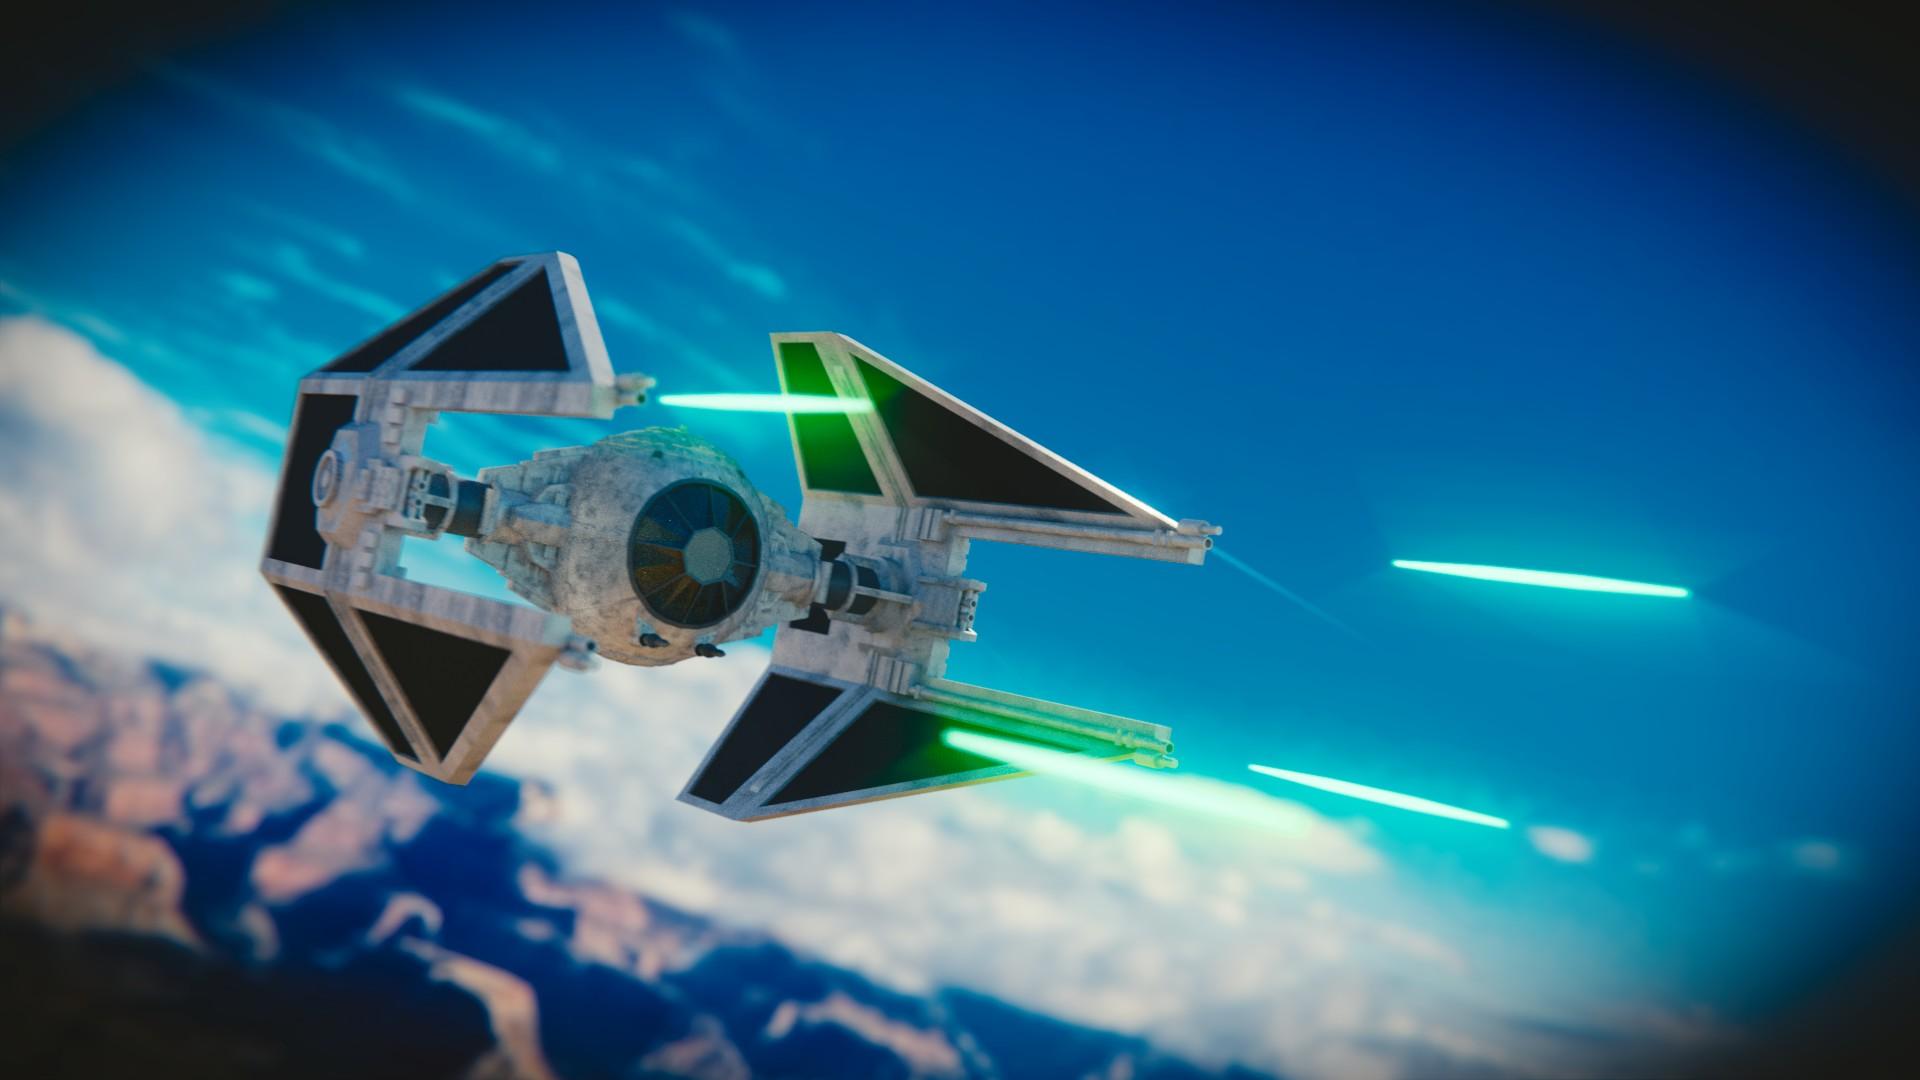 Star Wars: Tie Interceptor by silveralv on DeviantArt